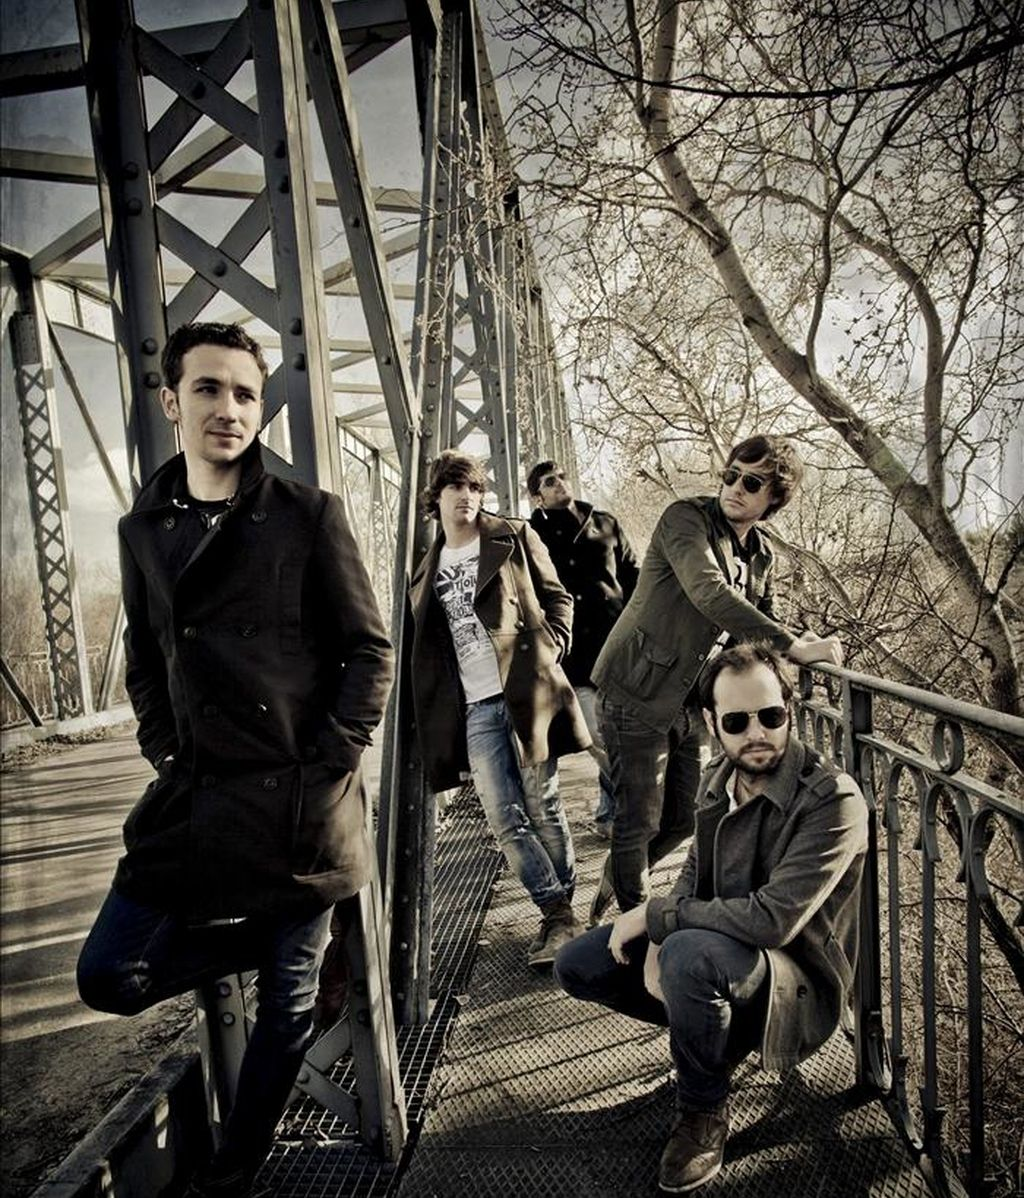 """Fotografía facilitada por Innercia de la banda de pop-rock Melocos, que ha publicado recientemente """"Imposible"""", un disco que abre la trilogía sonora que se ha propuesto completar de aquí a final de año la banda del Puerto de Santa María (Cádiz), que tras un álbum de versiones titulado """"45 rpm"""" ha lanzado un trabajo con cinco composiciones propias. El batería del grupo, Andrés Ortiz, ha hablado sobre este trabajo en una entrevista con Efe. EFE"""